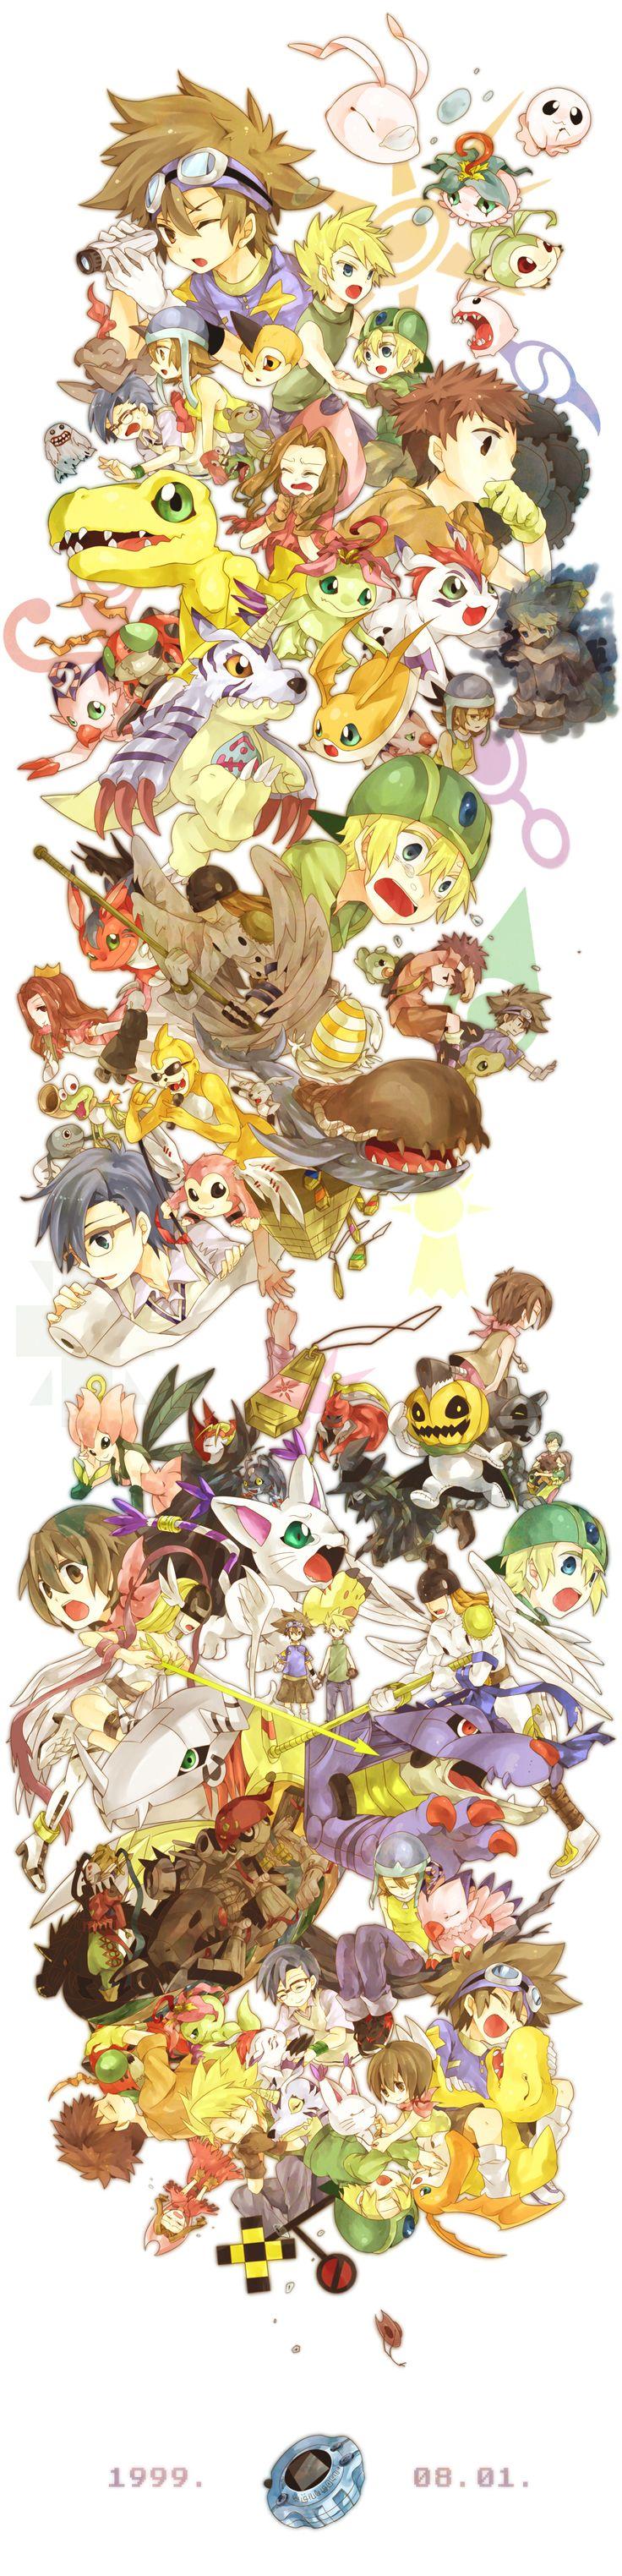 Digimon Adventures/#698680 - Zerochan